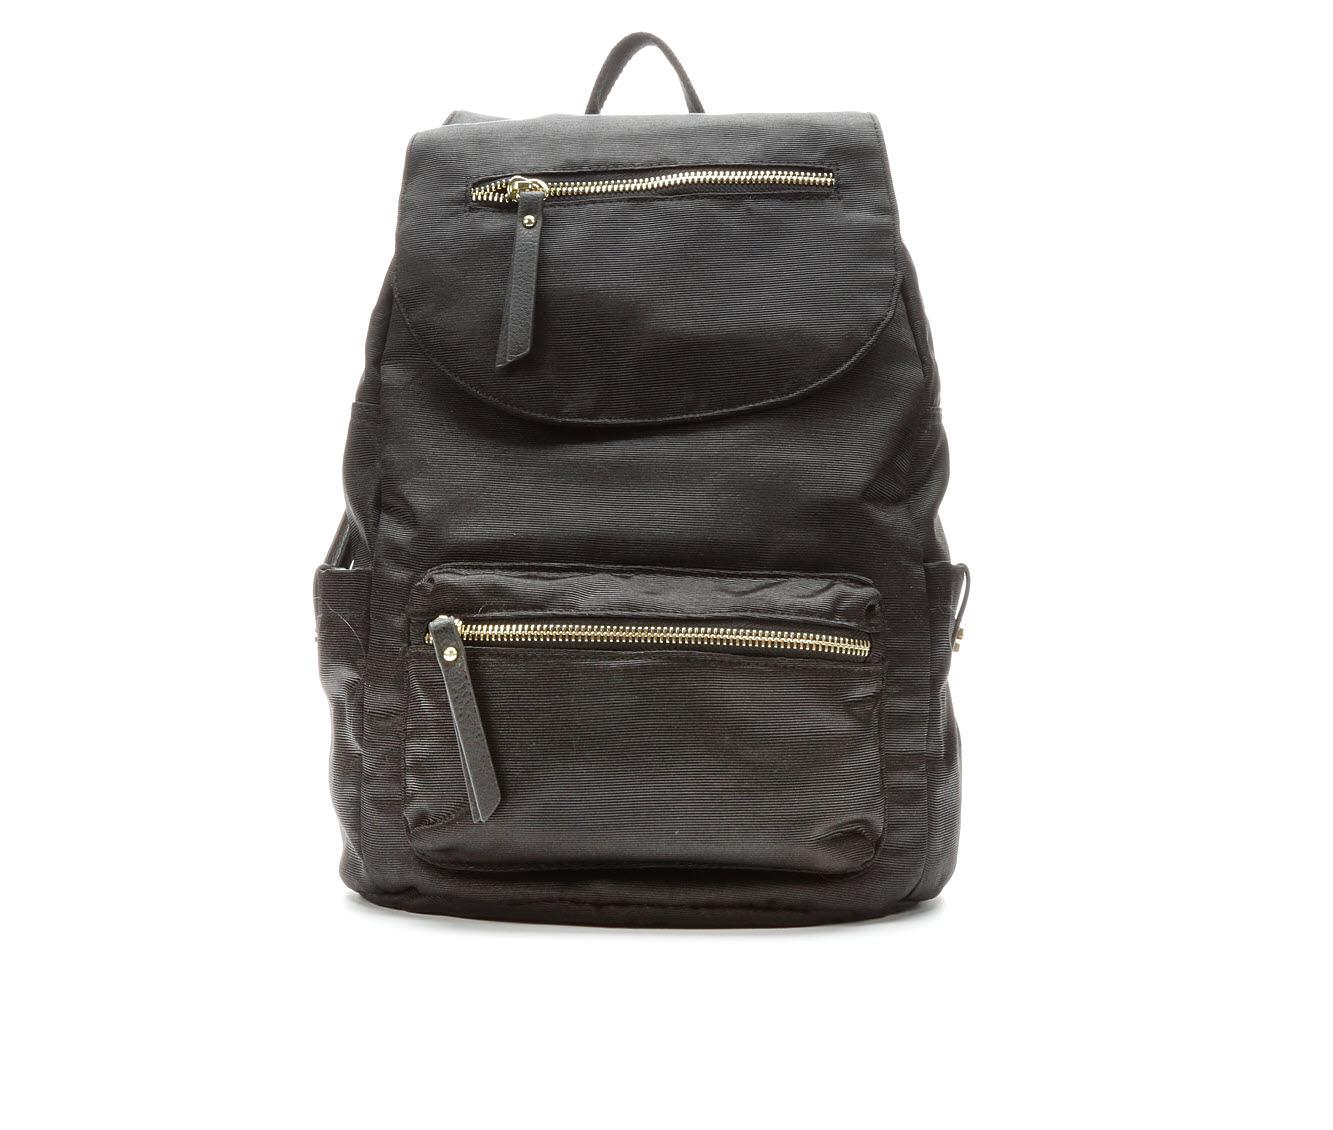 Madden Girl Handbags Proprg Grosgrain Backpack (Black)